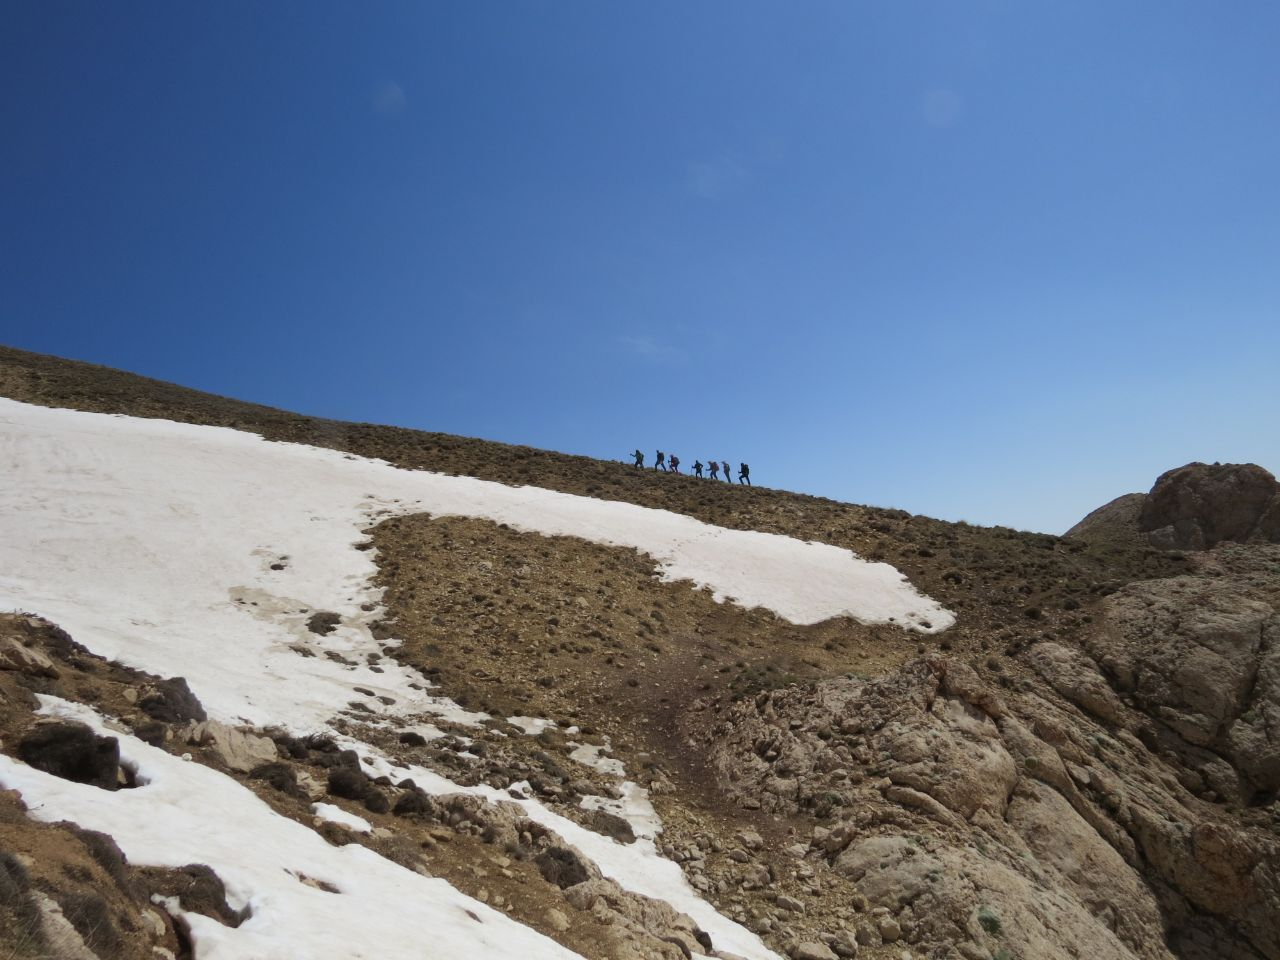 قله پرچنان | عاشقان طبیعت ایران | قله پرچنان بلندترین قله البرز شرقی